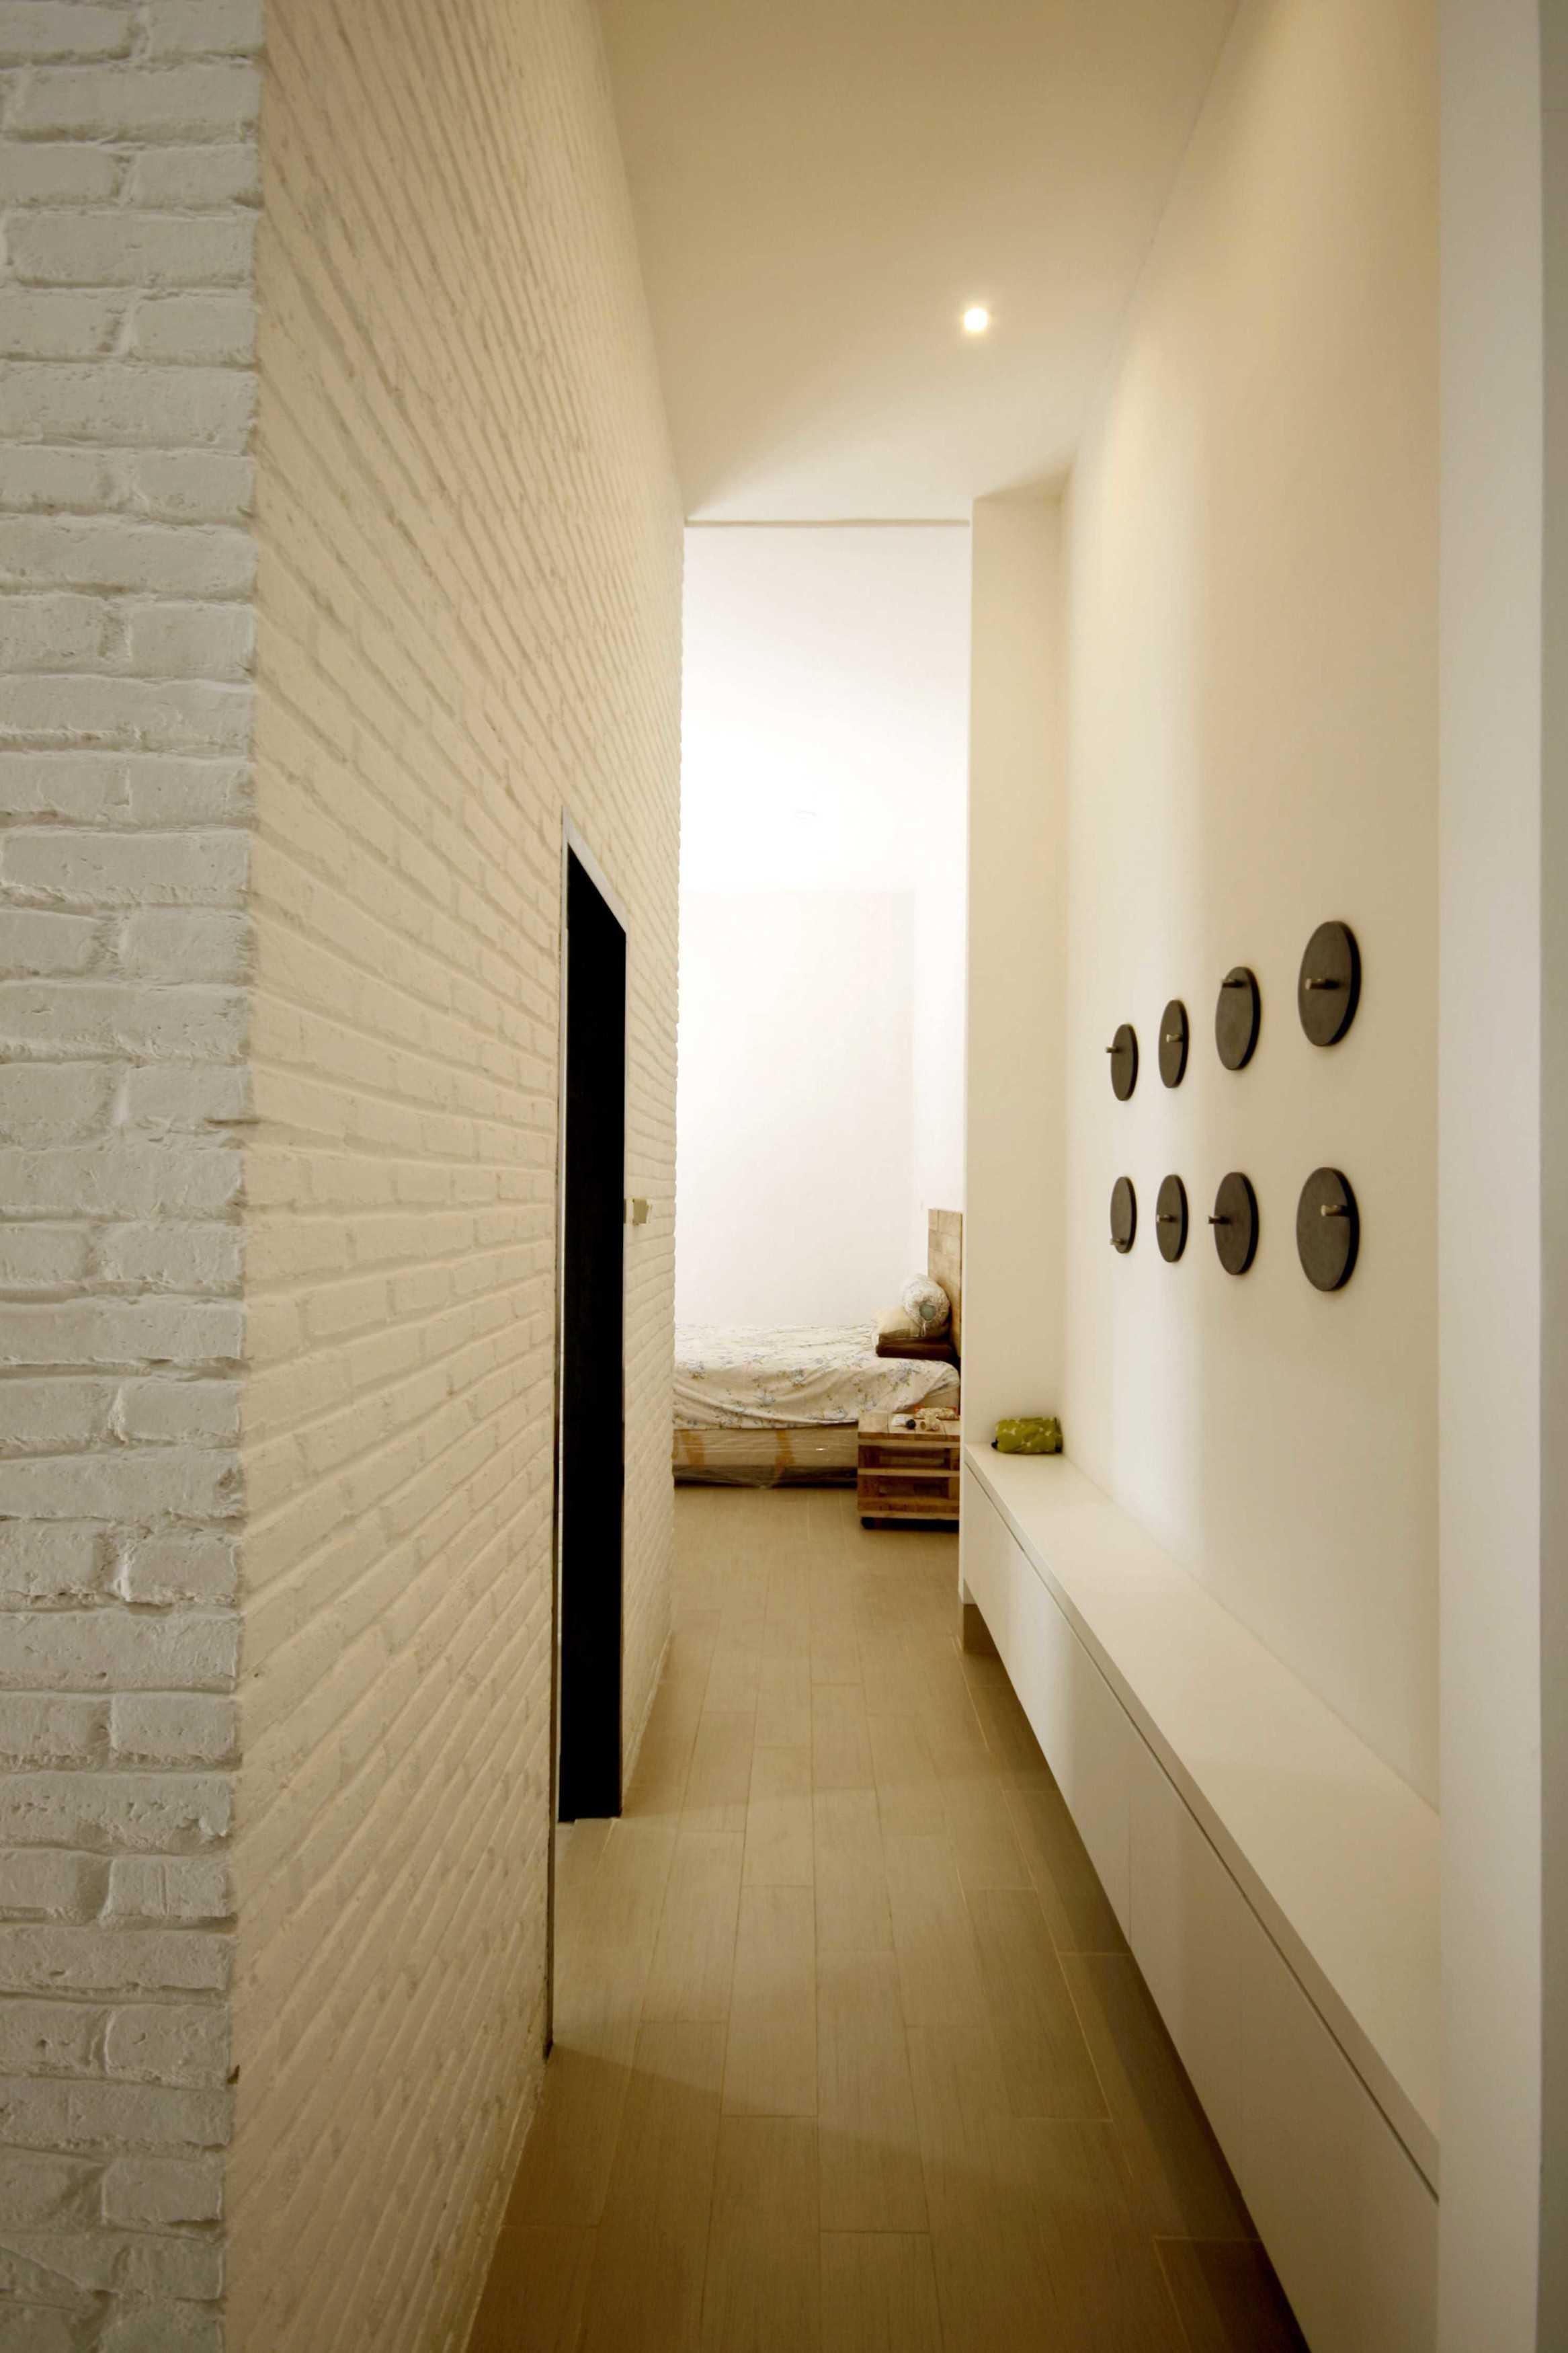 Ksad Roemah Singgah #1 Kediri, East Java, Indonesia Kediri, East Java, Indonesia Corridor Room Scandinavian  10215